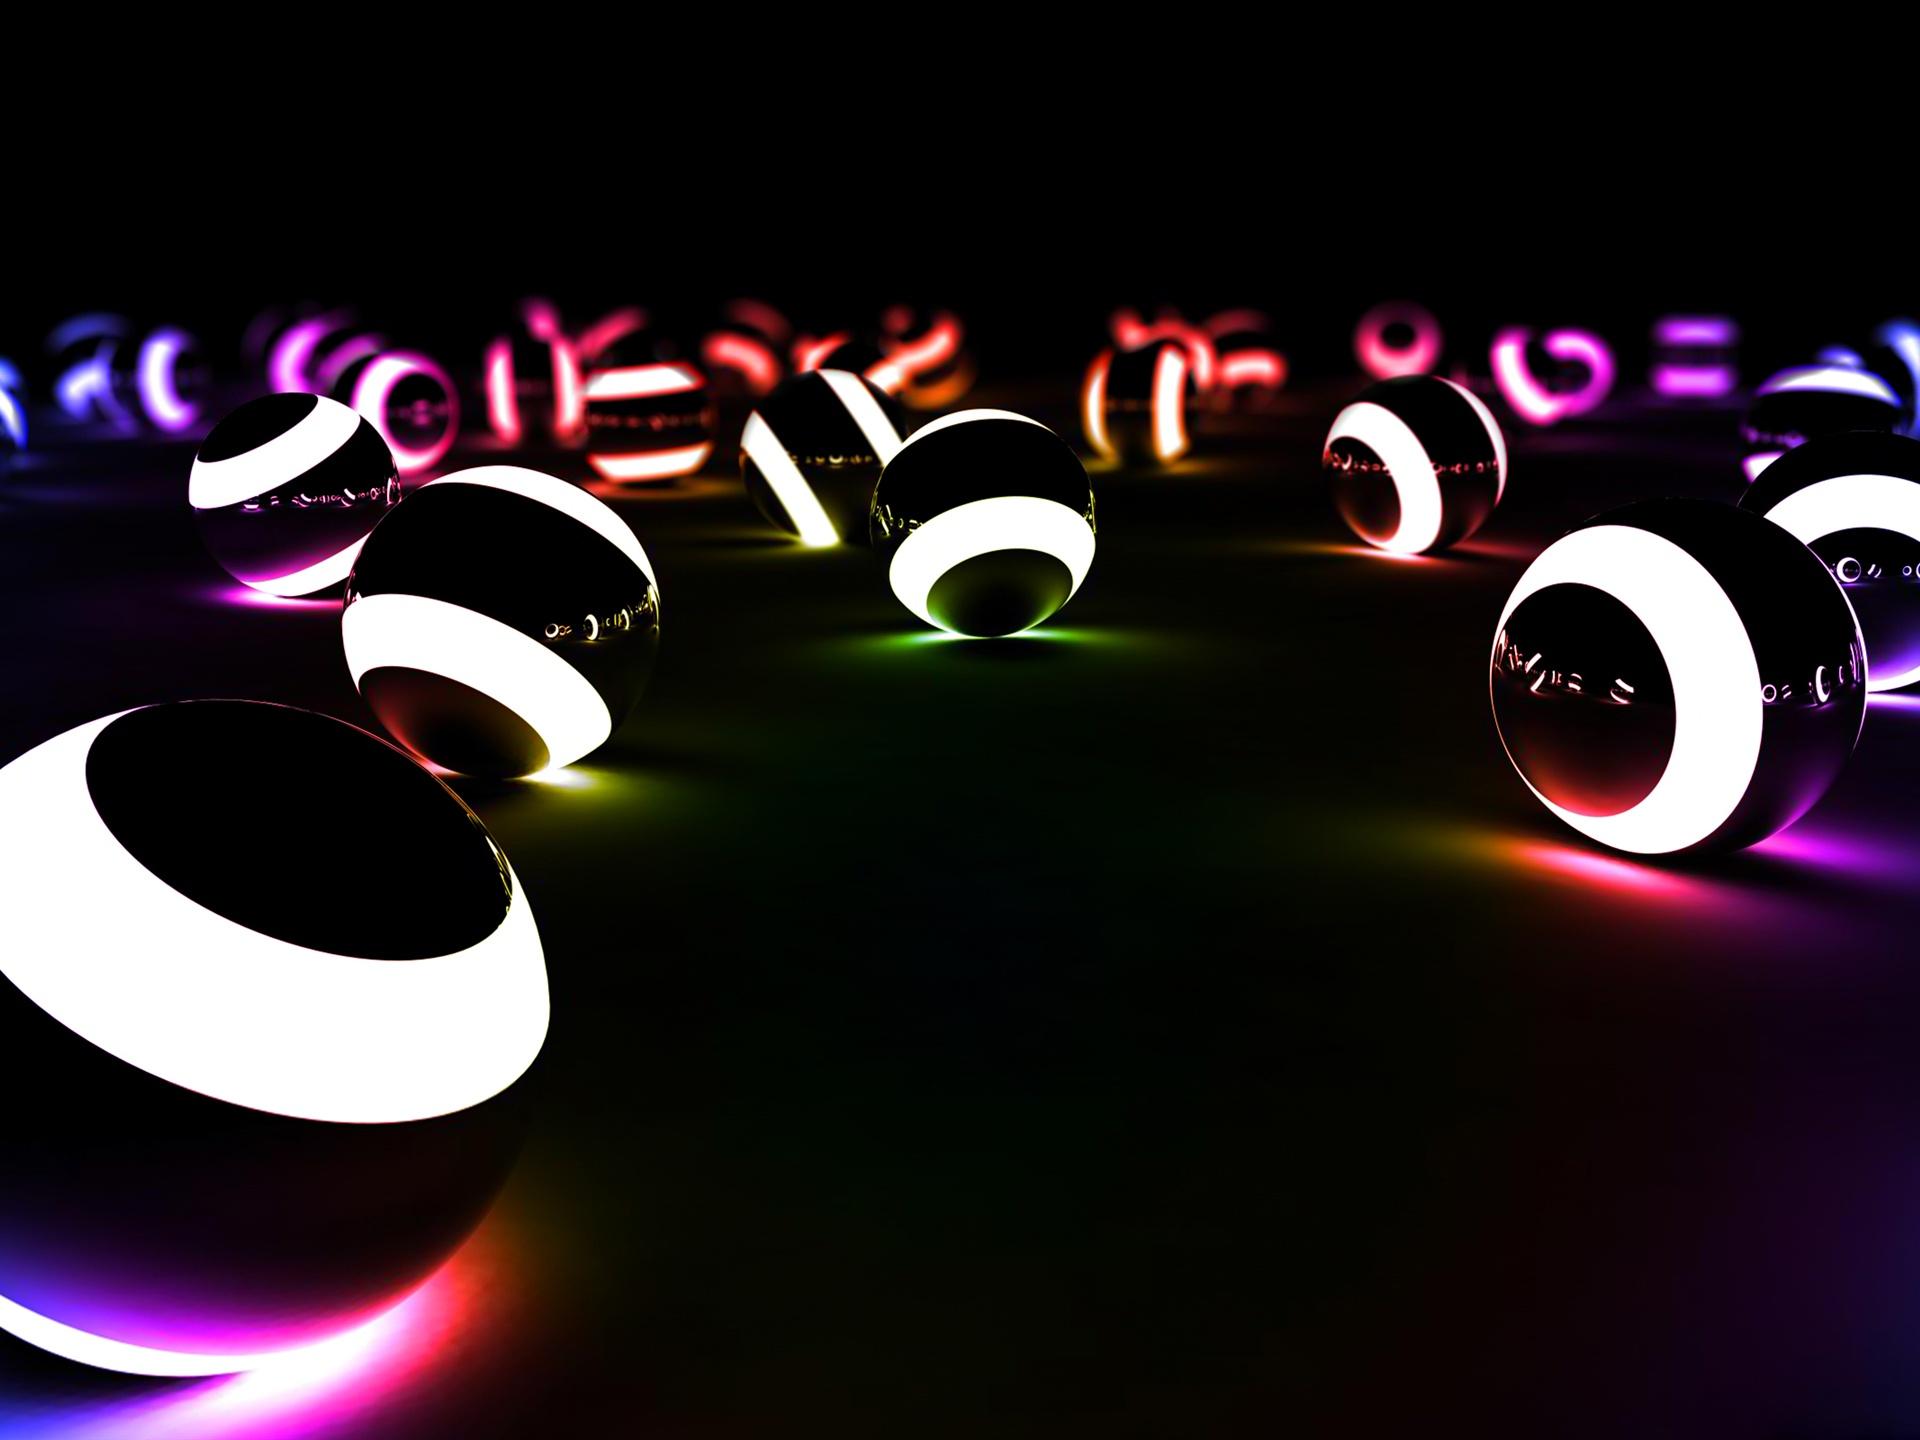 Неоновый свет от 3d объекта  № 941141  скачать